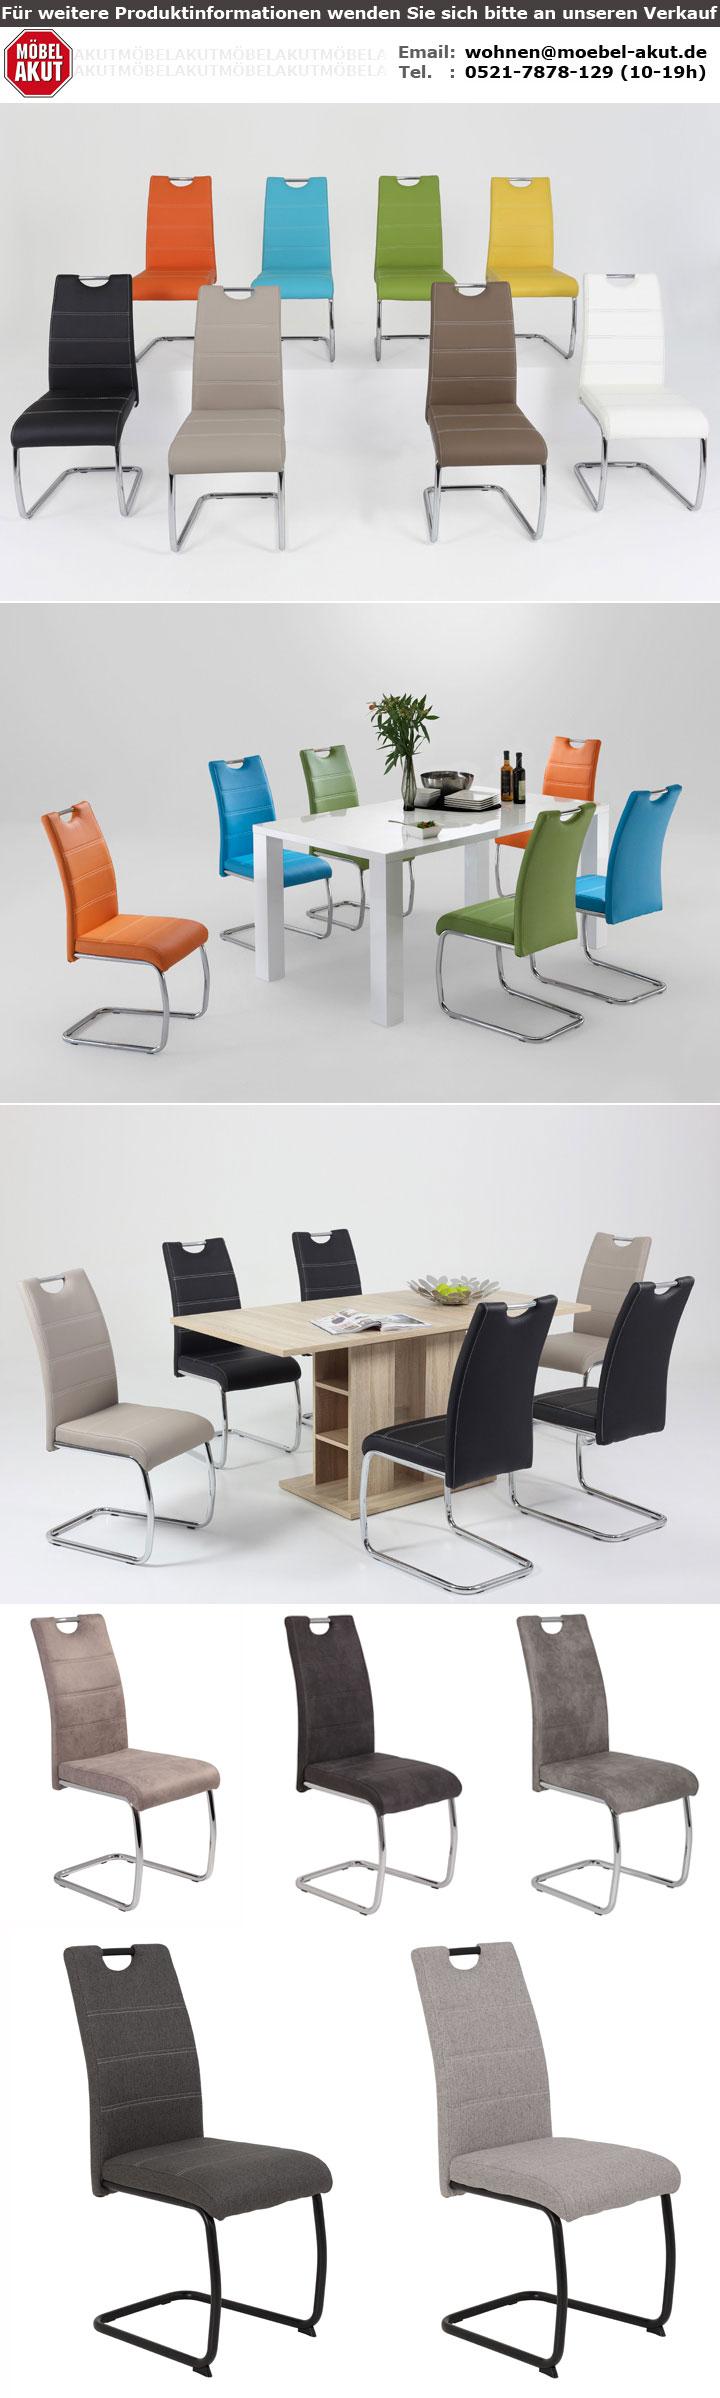 schwingstuhl 4er set flora stuhl freischwinger esszimmerstuhl in gelb. Black Bedroom Furniture Sets. Home Design Ideas